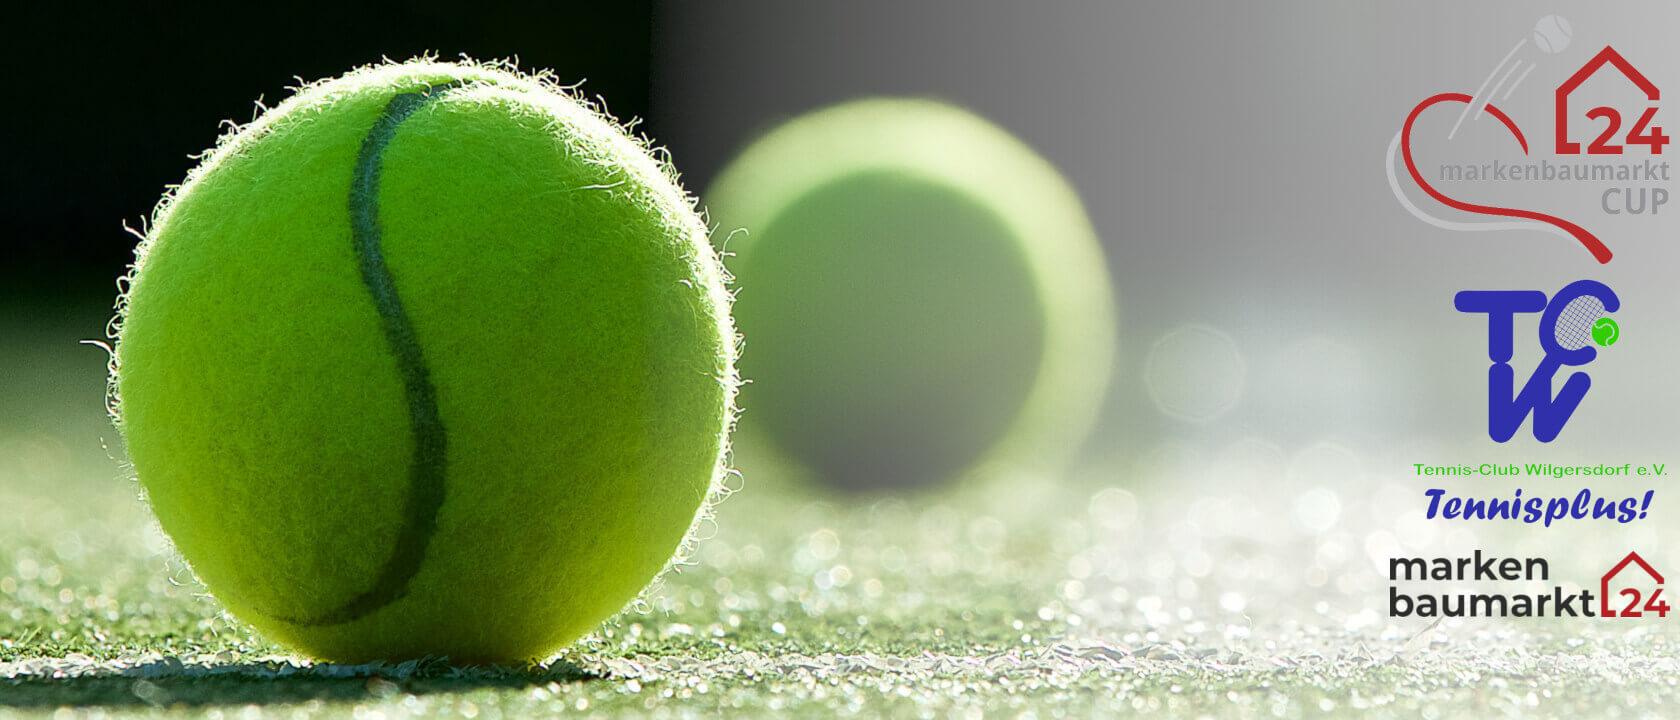 markenbaumarkt24 CUP Tennis Turnier